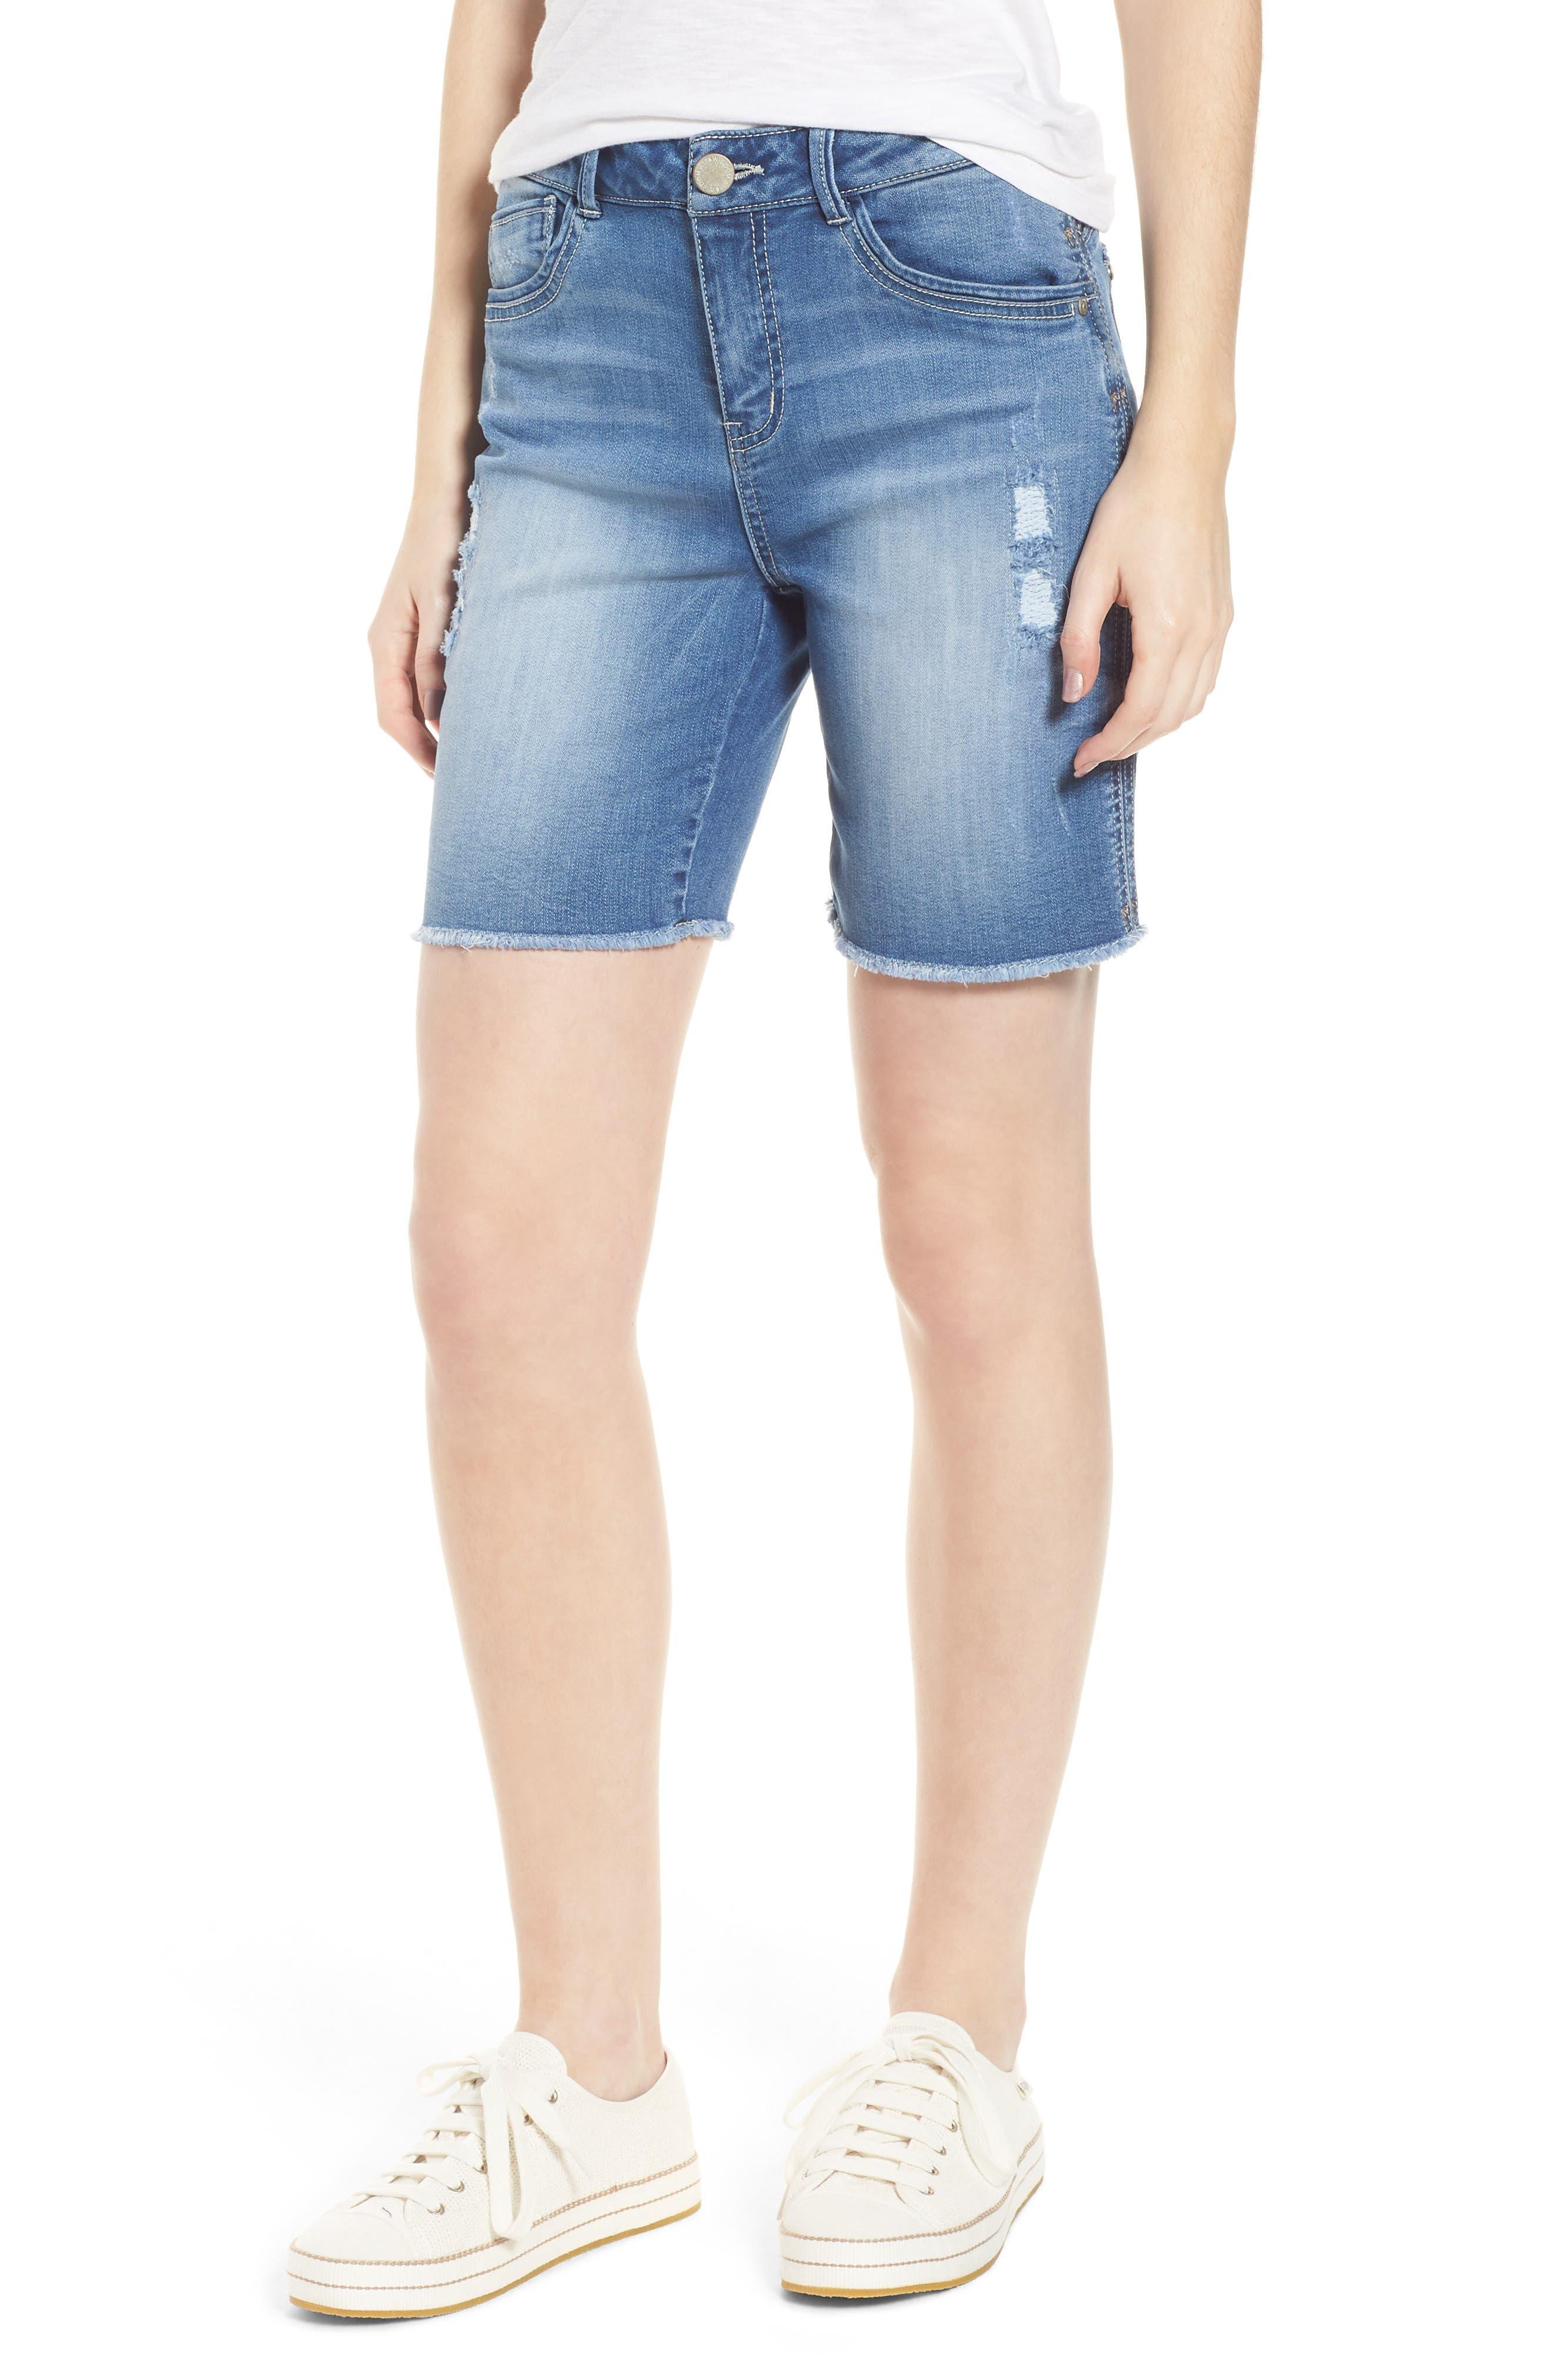 Flex-Ellent High Rise Denim Shorts,                             Main thumbnail 1, color,                             458